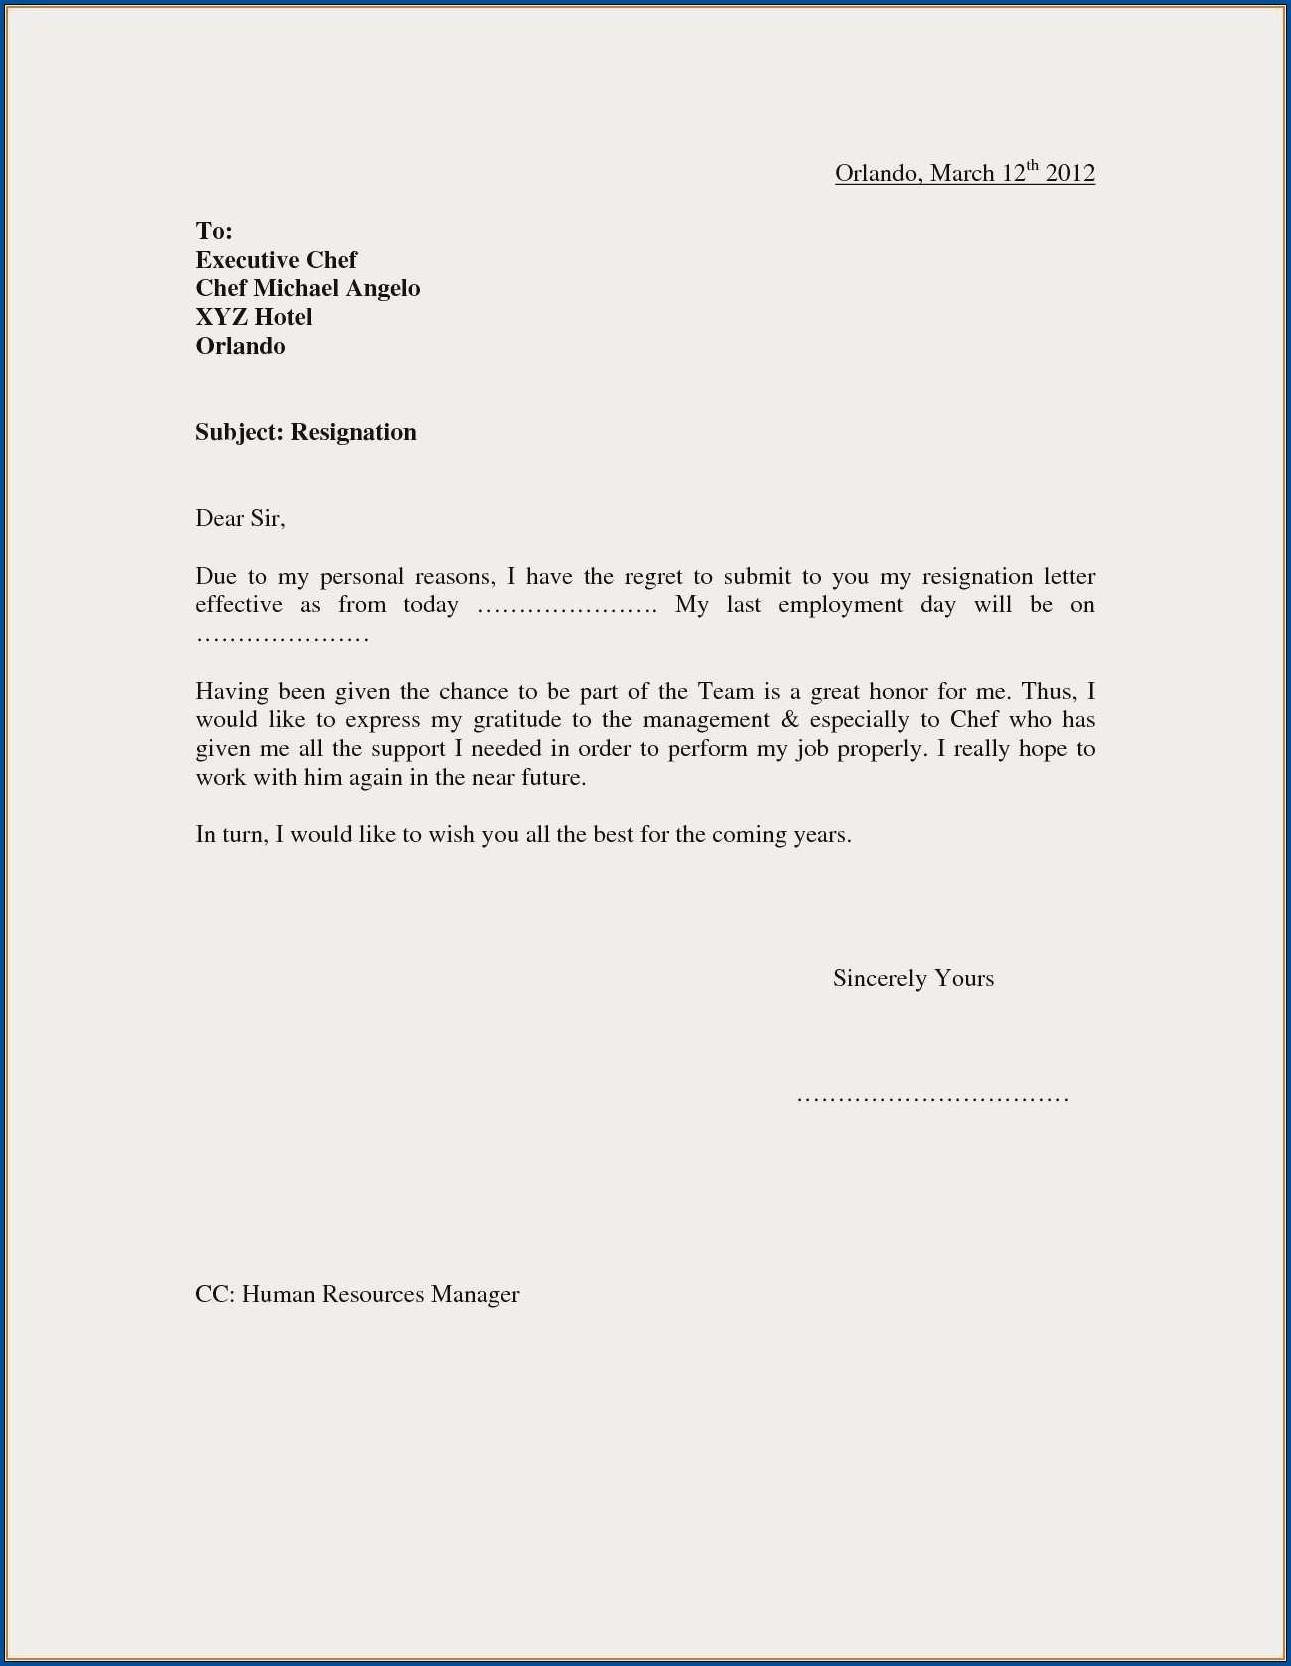 Resignation Letter From Work Sample